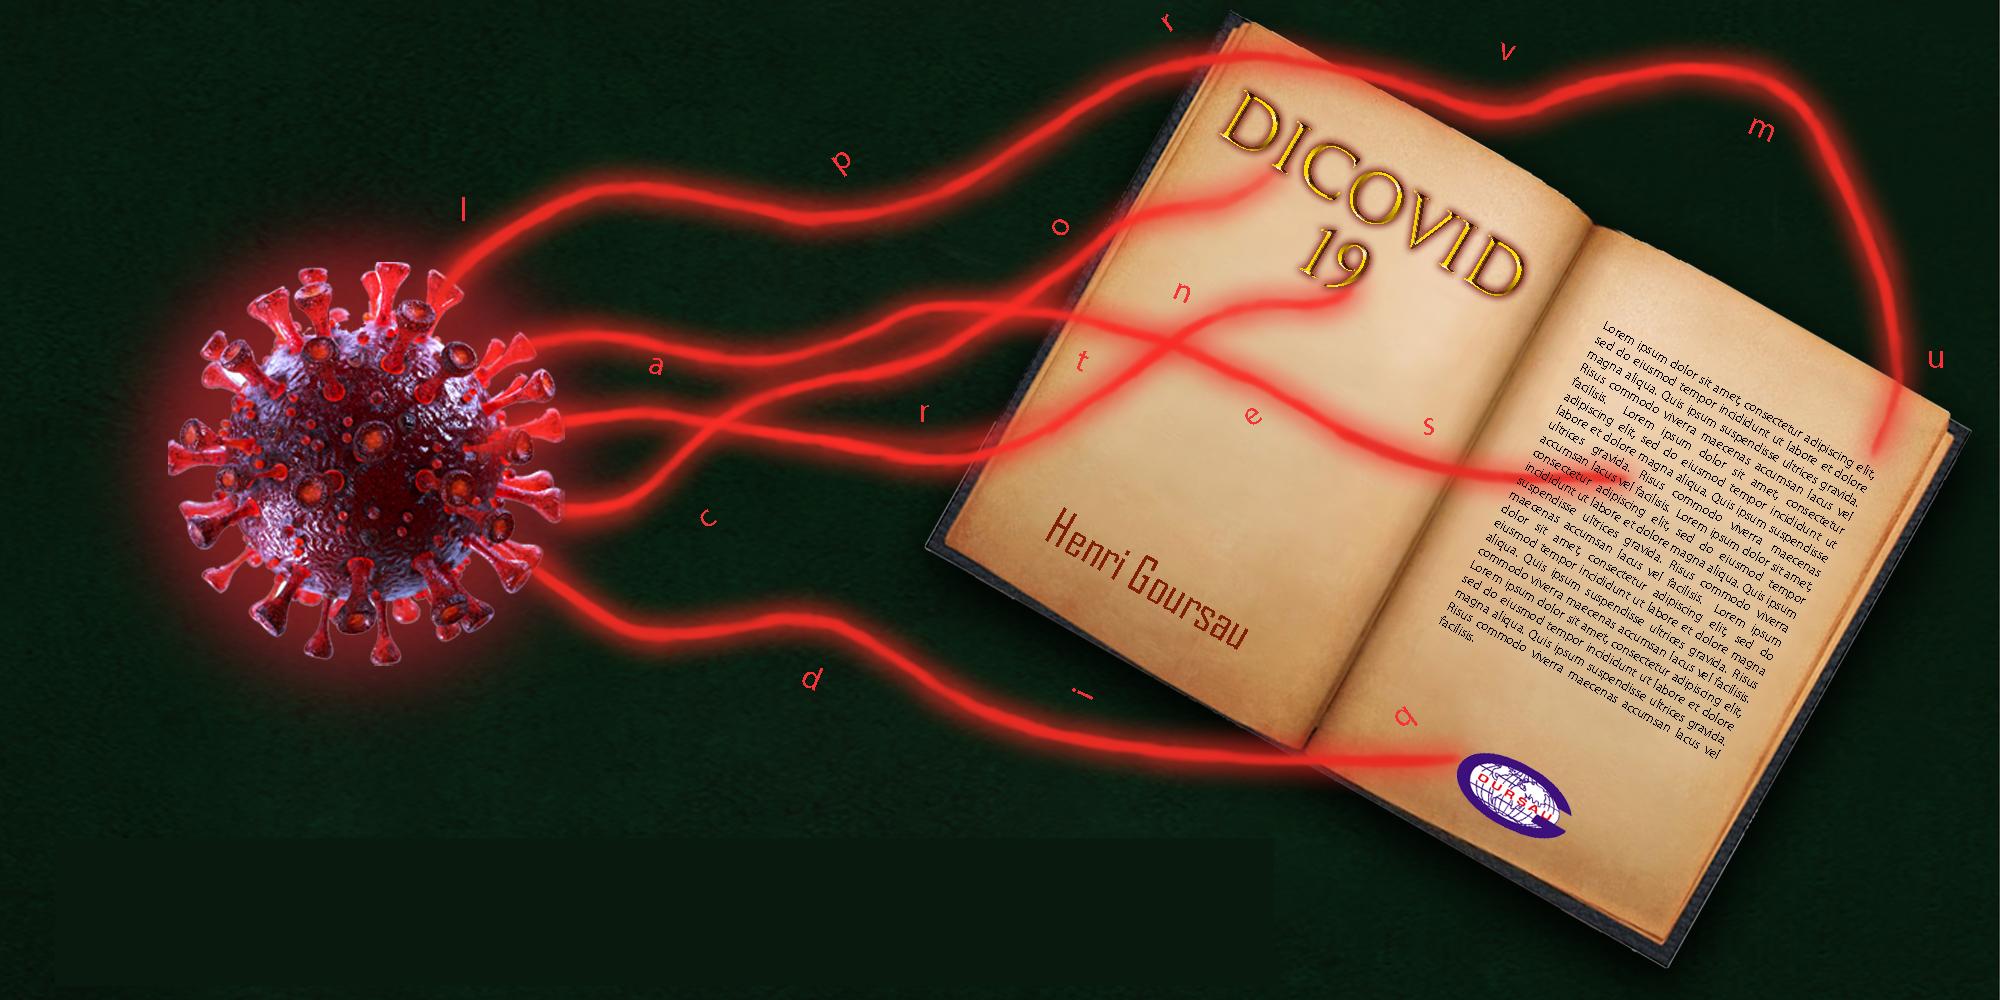 Dicovid-19